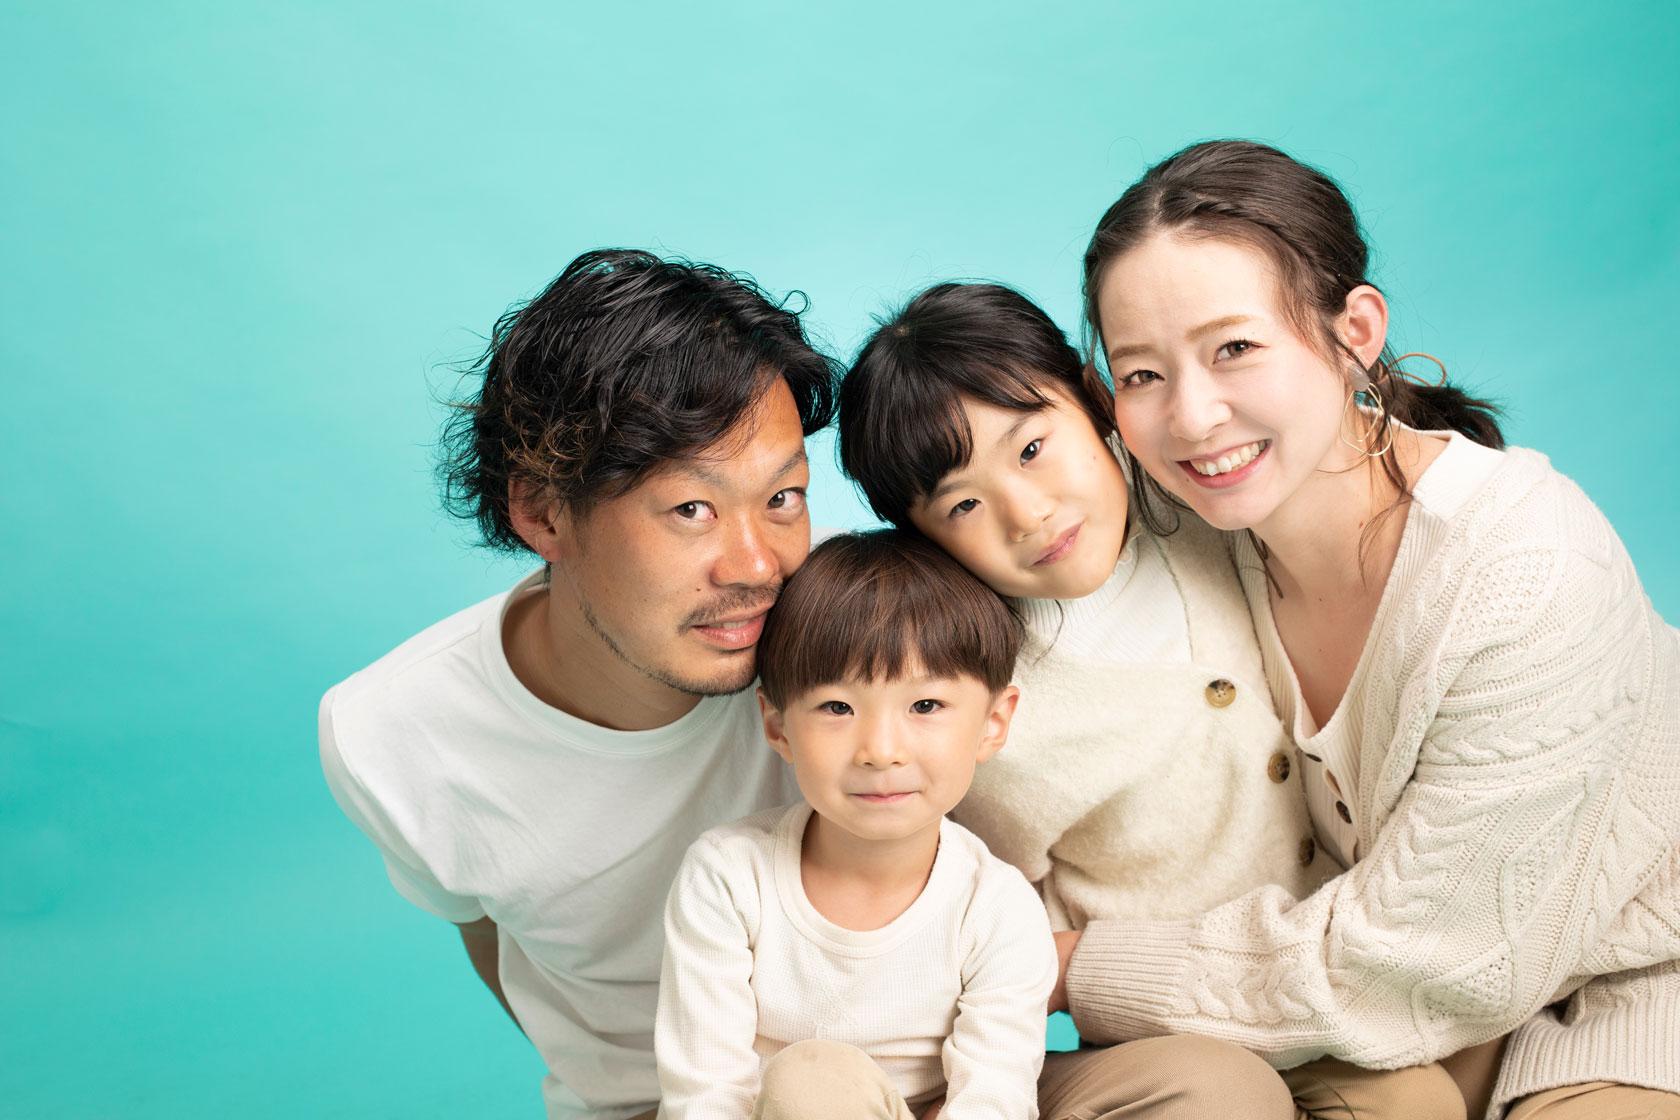 家族で写真を撮ろうよキャンペーン。年賀状プランあり。